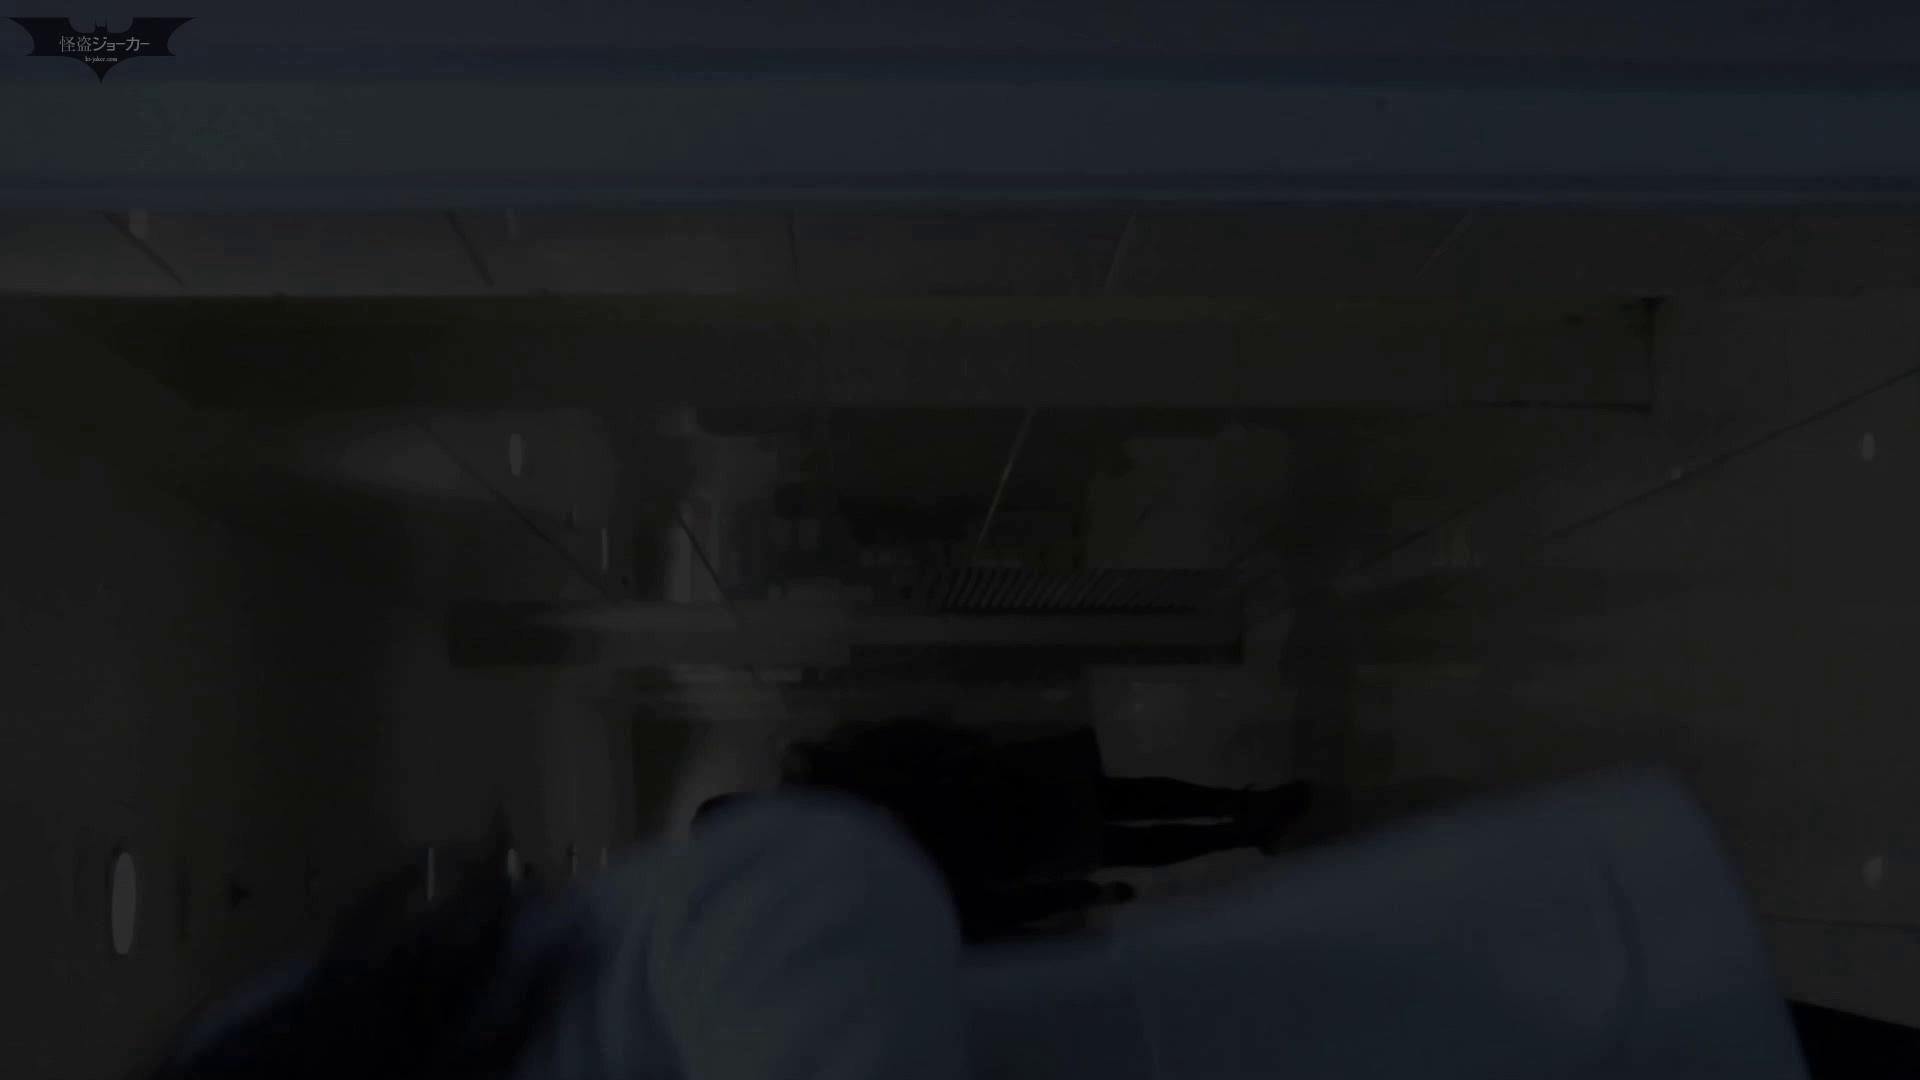 新世界の射窓 No64日本ギャル登場か?ハイヒール大特集! 高画質  75PIX 72